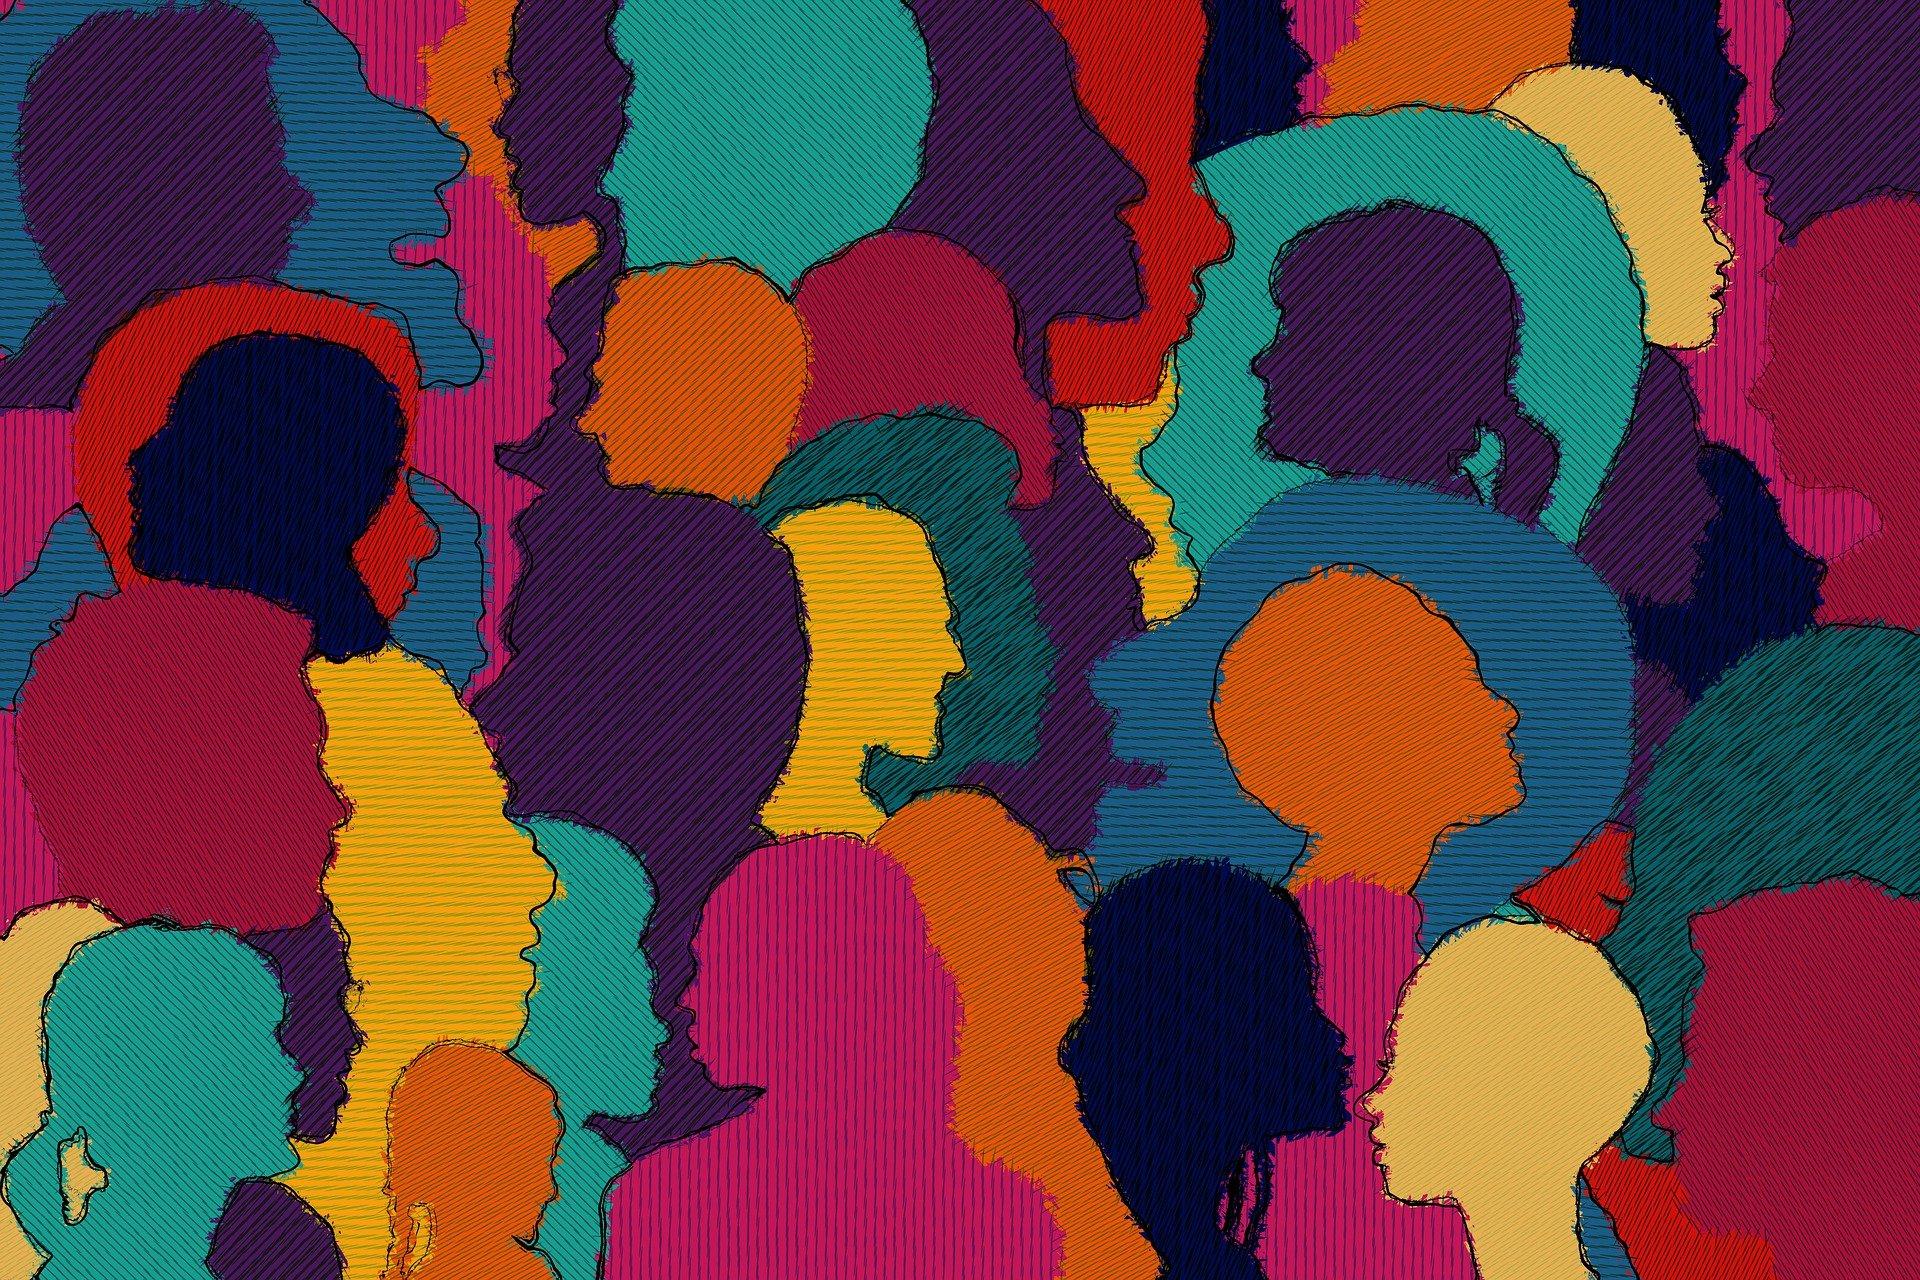 Grüne für Einrichtung einer Antidiskriminierungsstelle